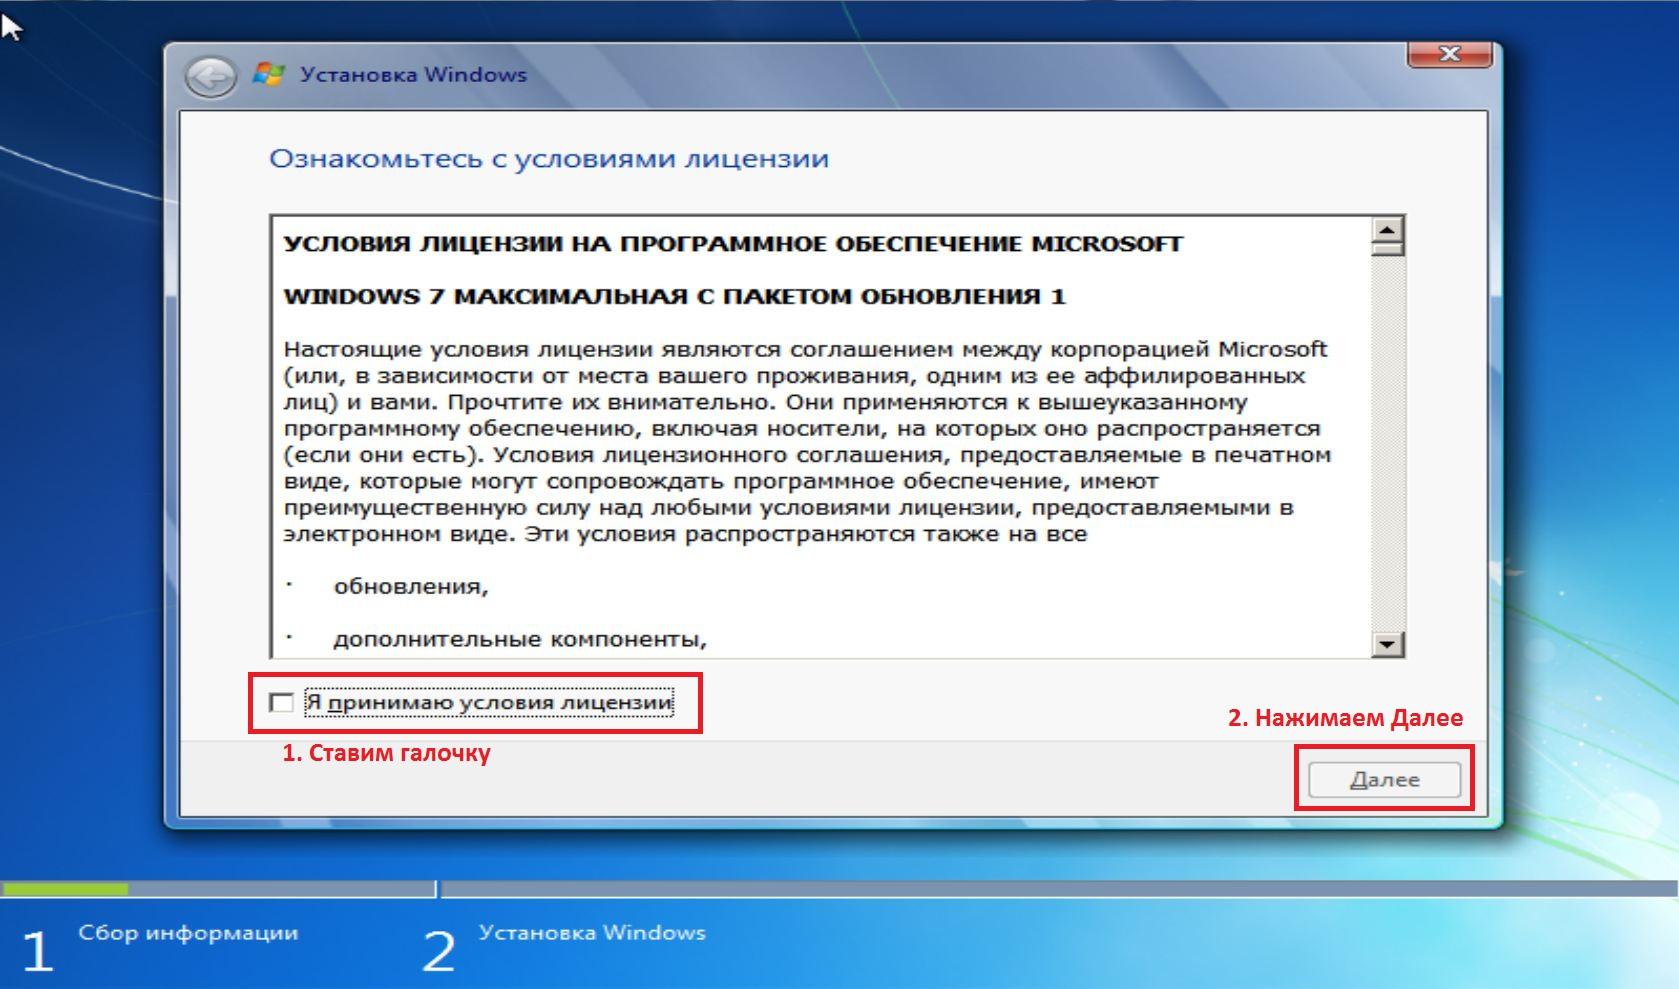 Windows 7 лицензионное соглашение